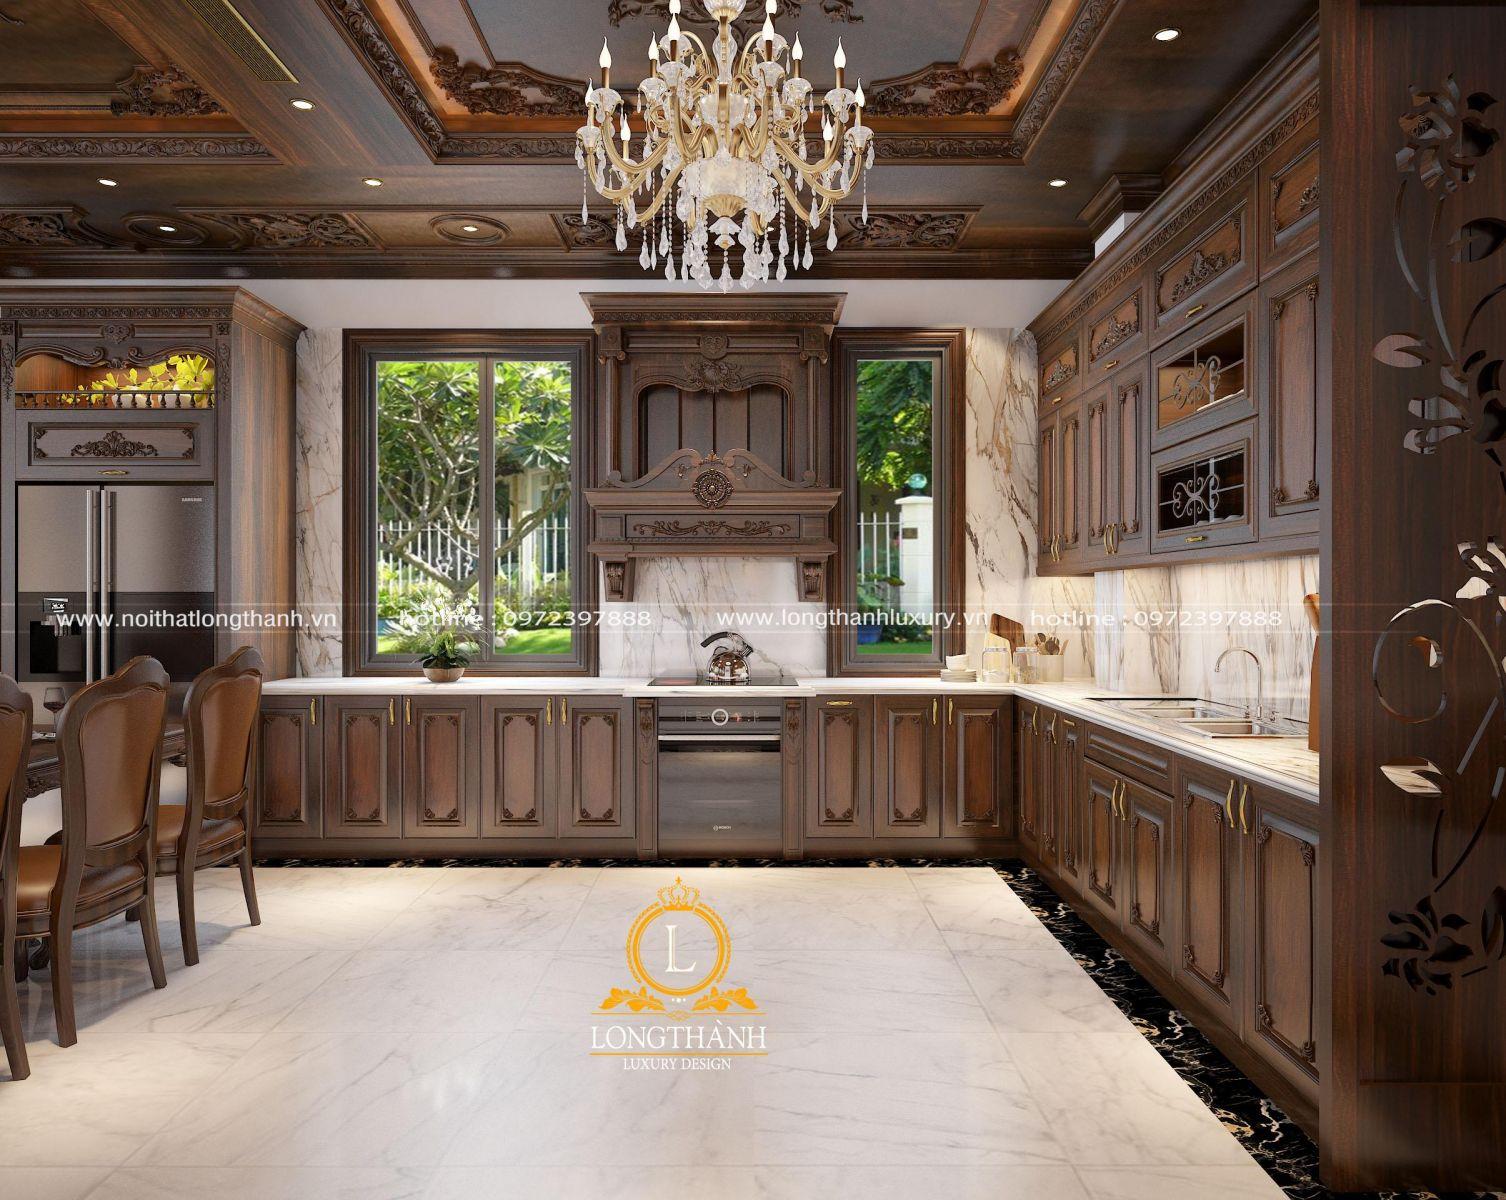 Tủ bếp tân cổ điển với gỗ tự nhiên đẹp mắt